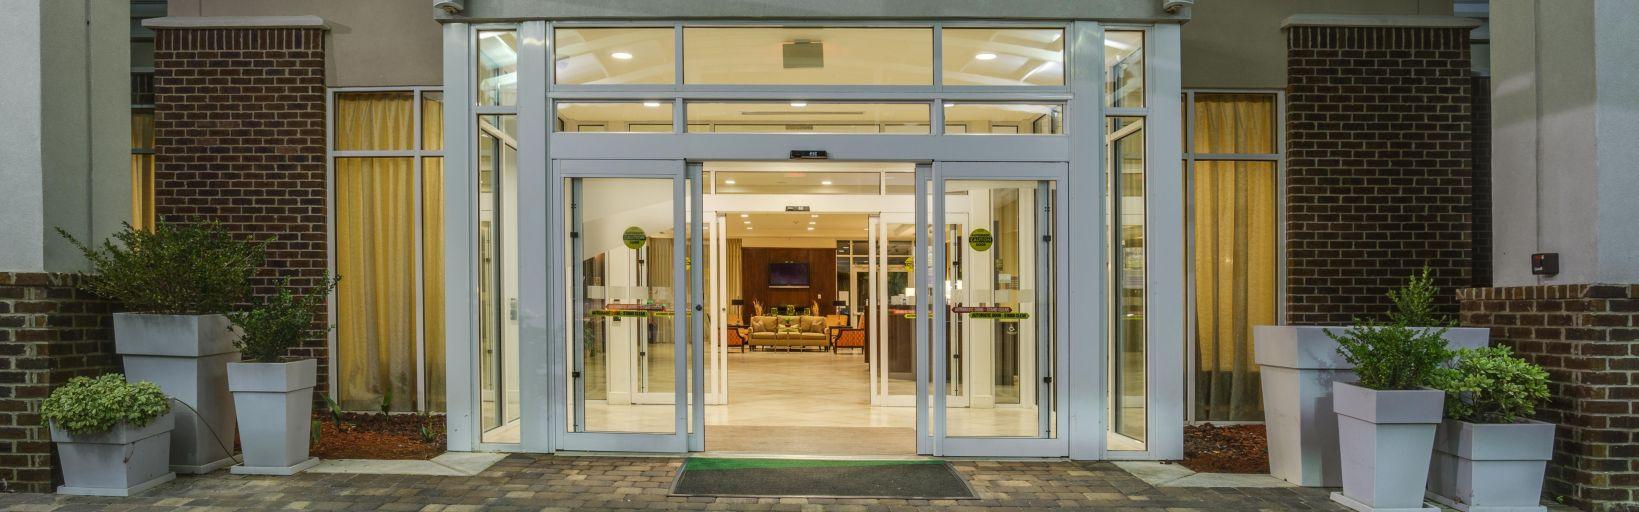 Holiday Inn Statesboro University Area Hotel Reviews Photos